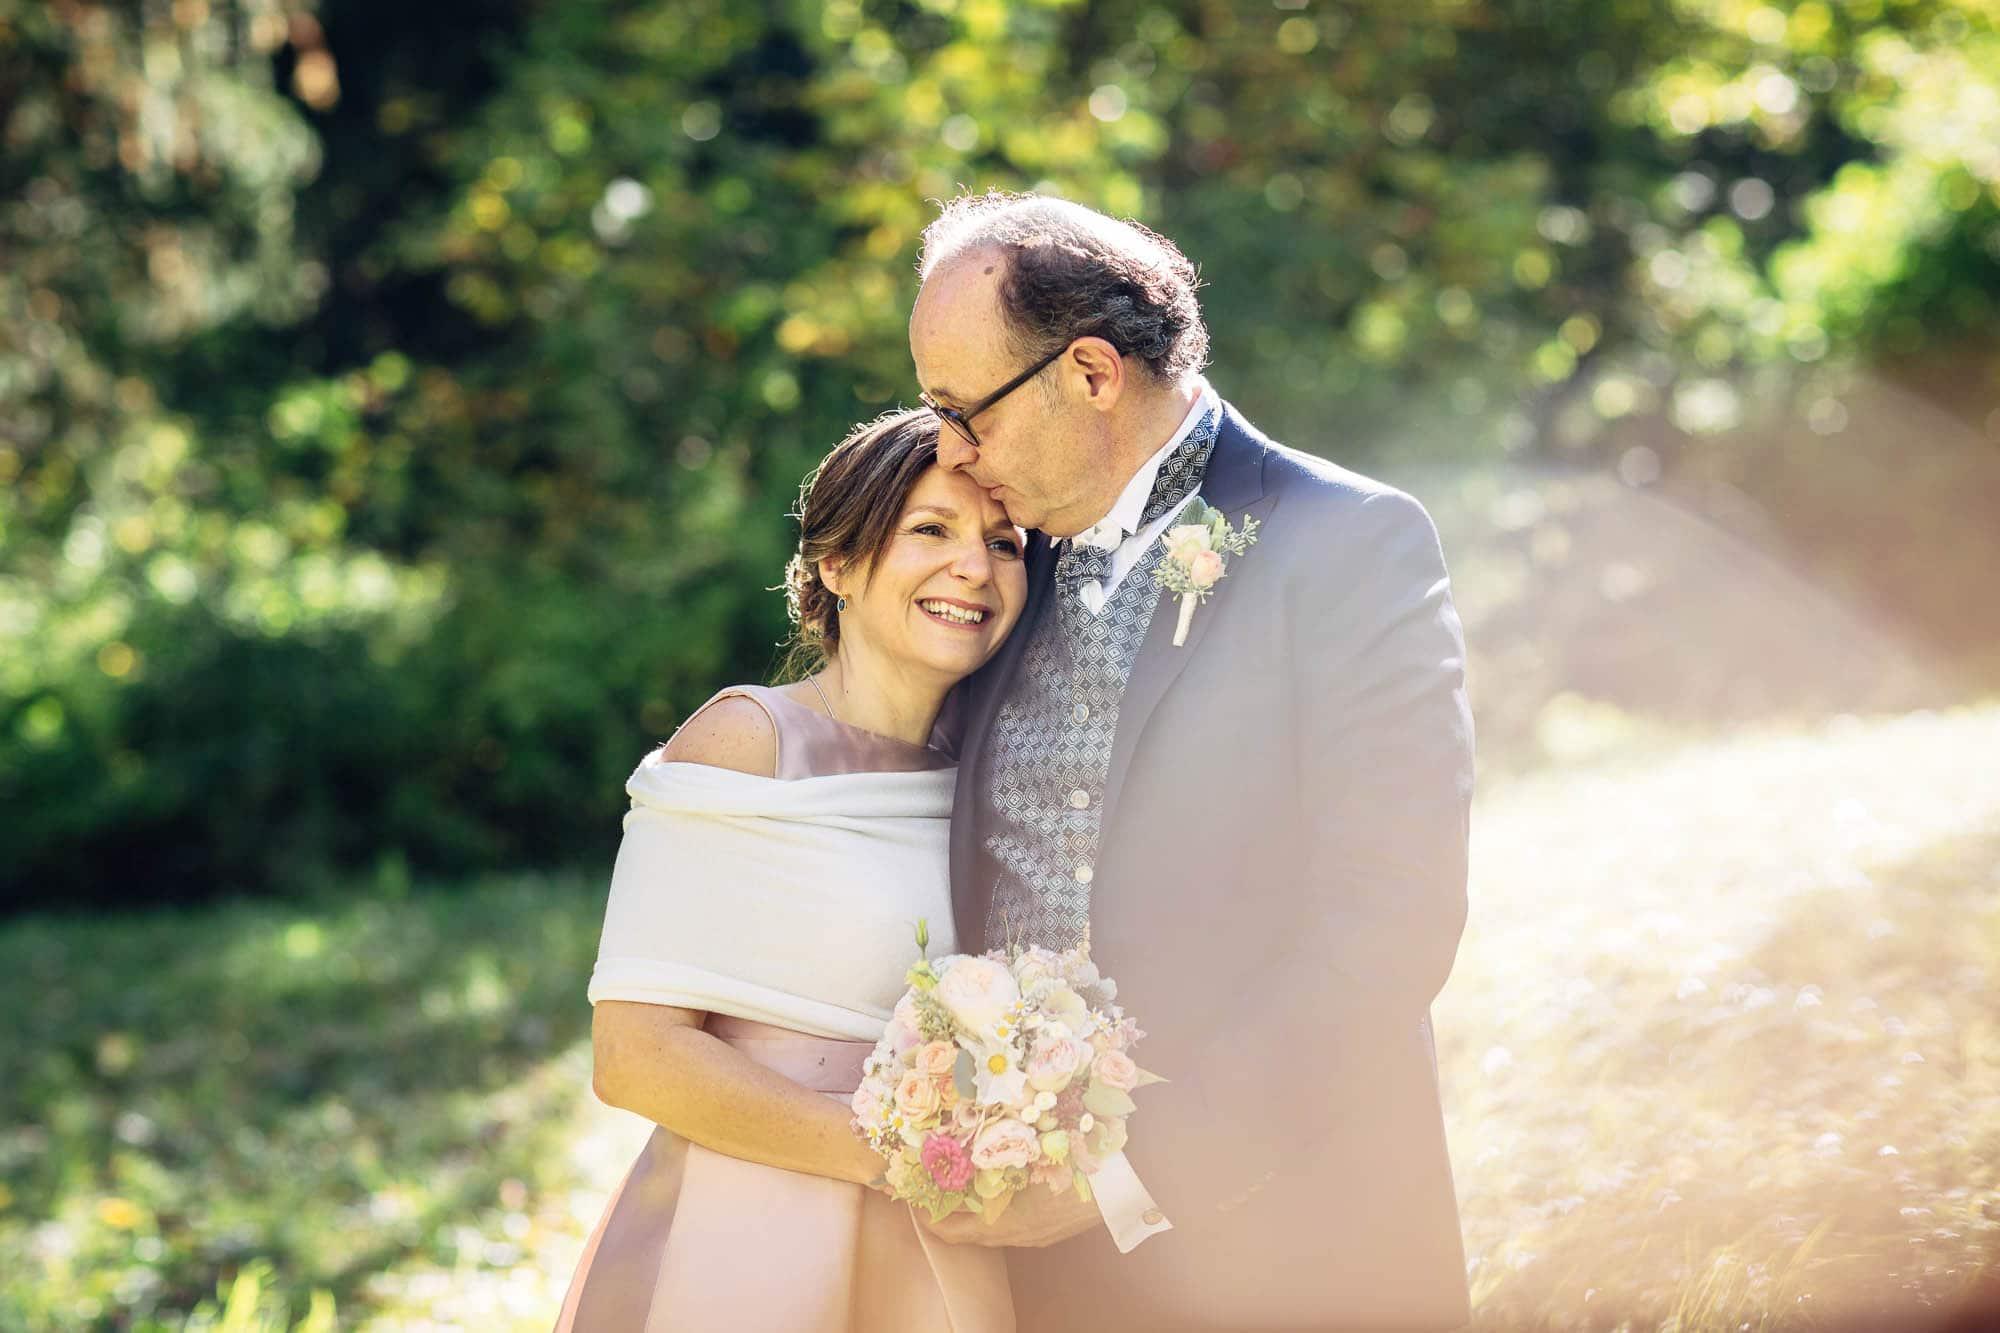 Beschützender Kuss auf Stirn der Braut